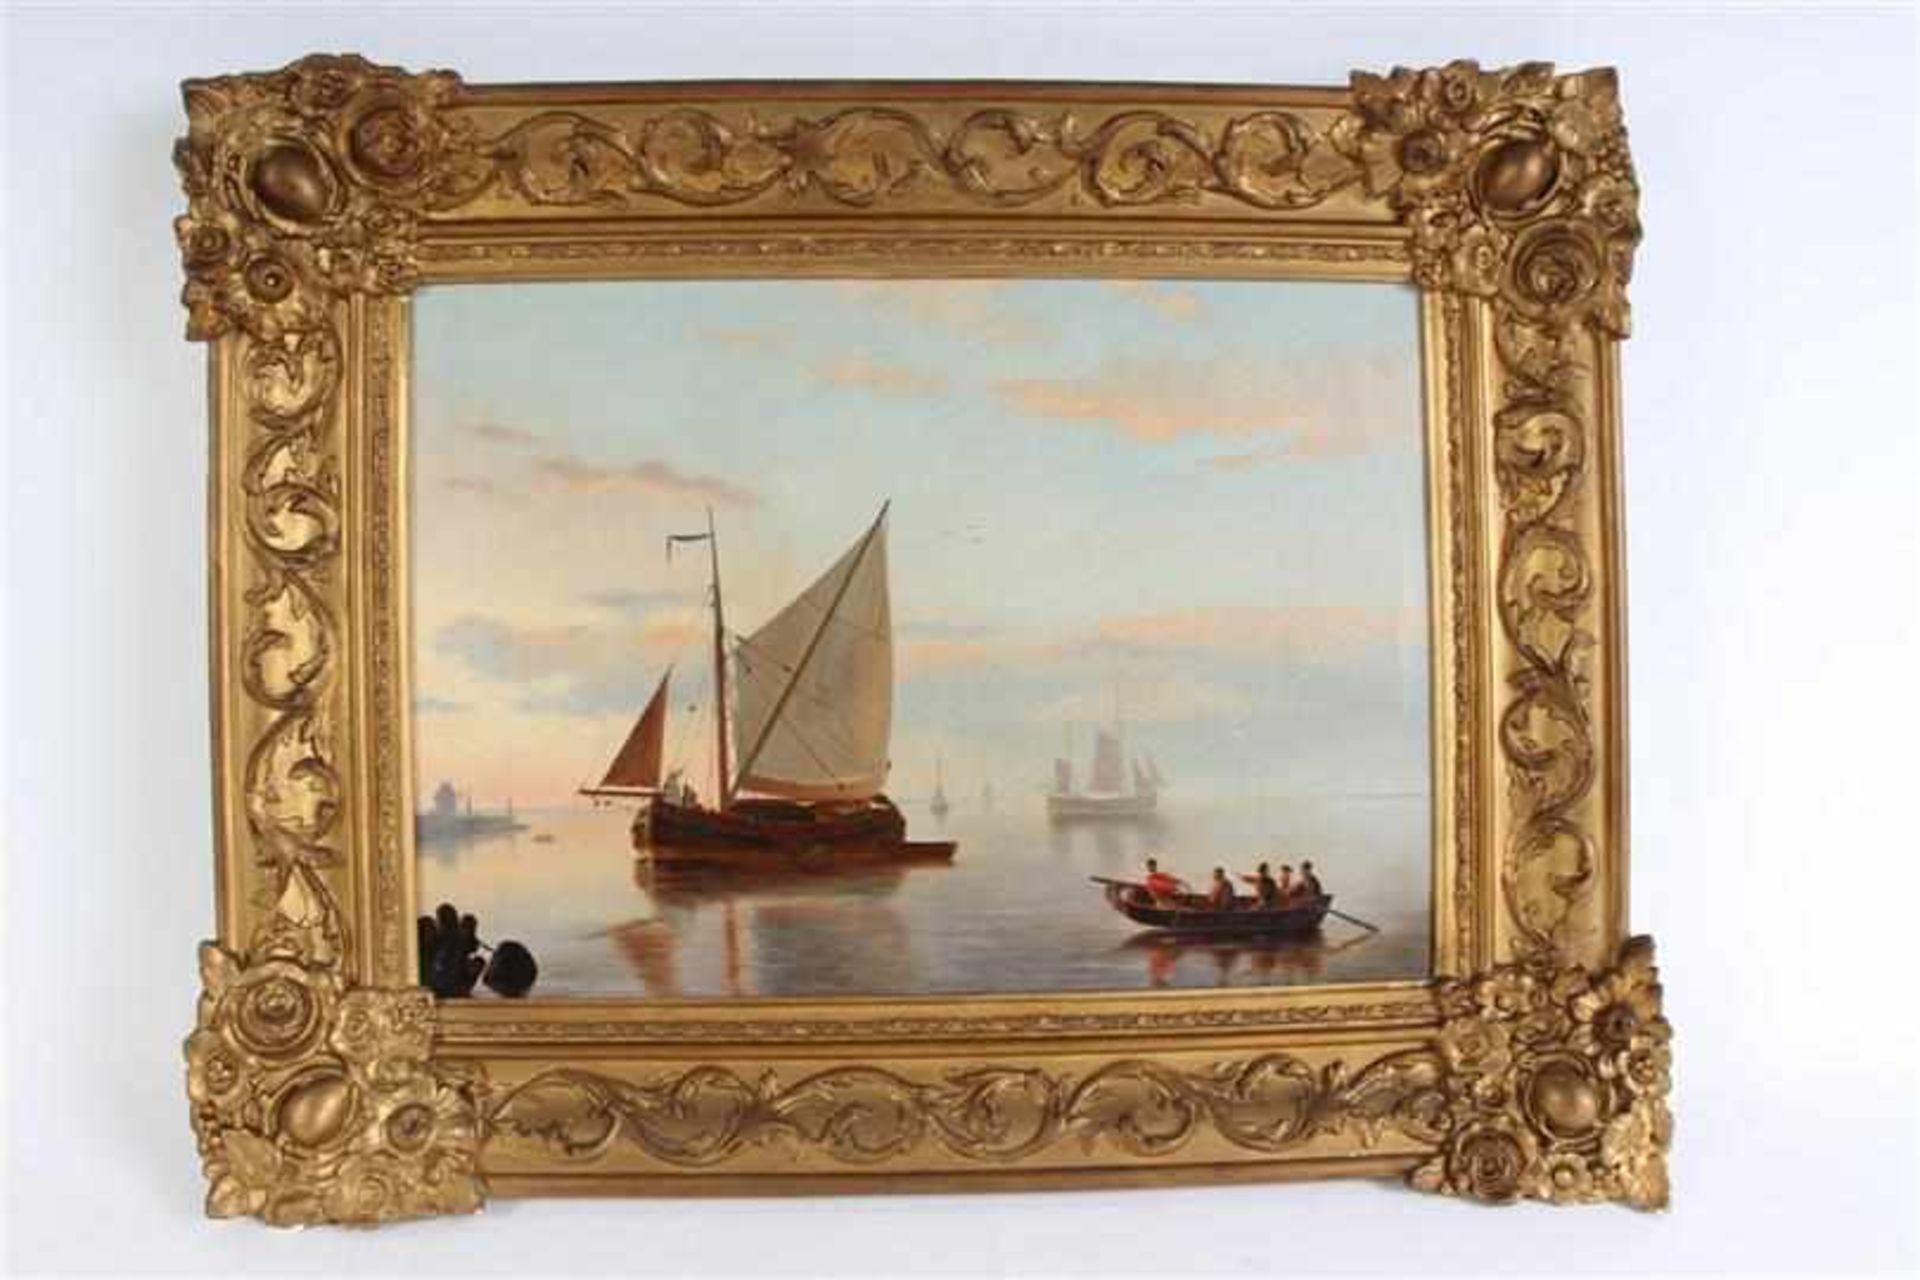 Schilderij, olieverf op doek, 'Zeegezicht', naar H. Koekoek. HxB: 30 x 42 cm.